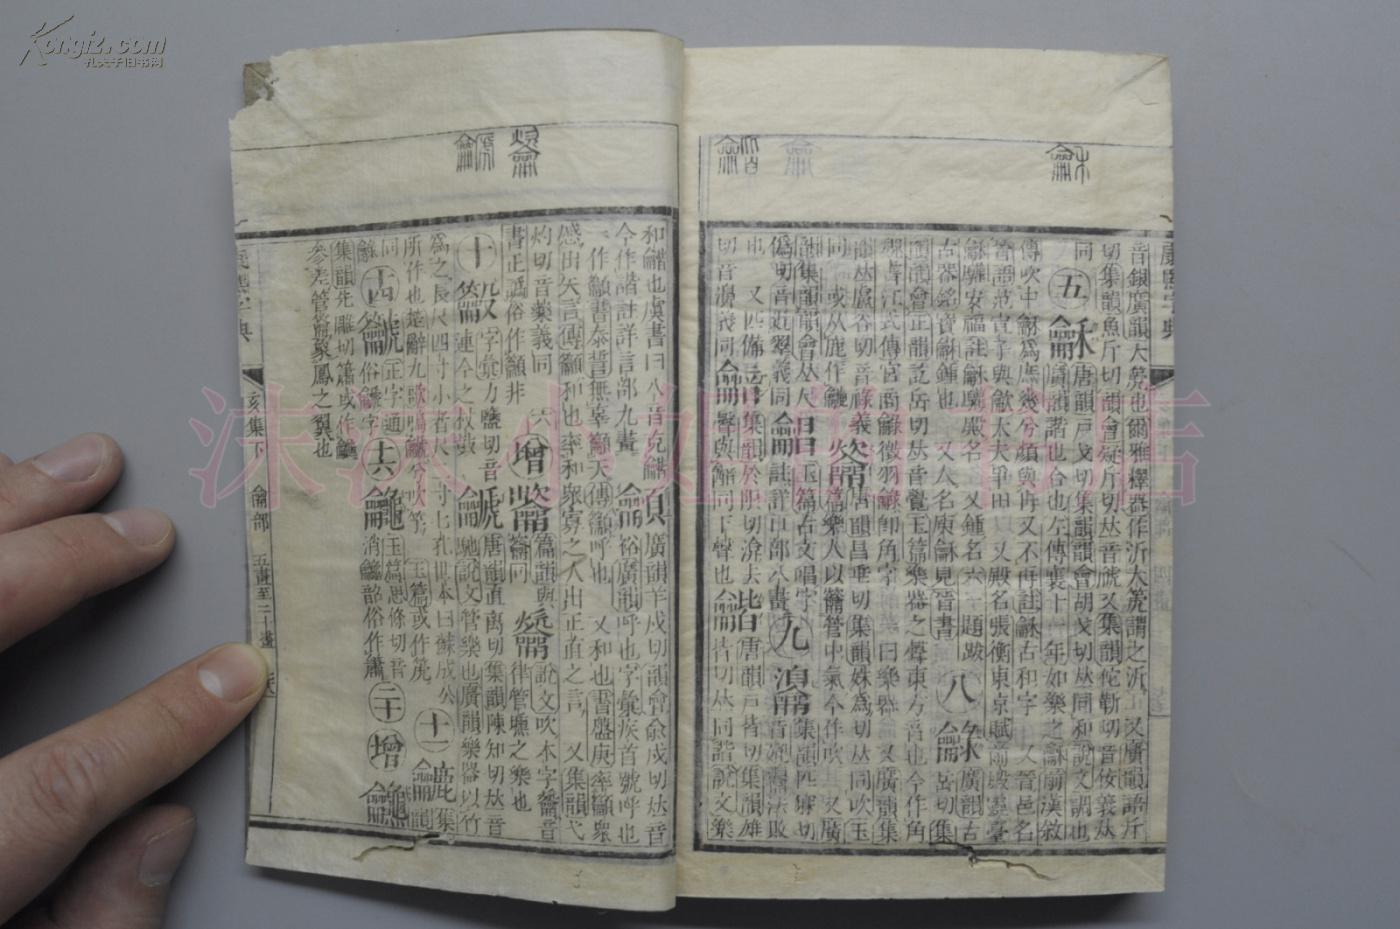 康熙字典五笔14画的字